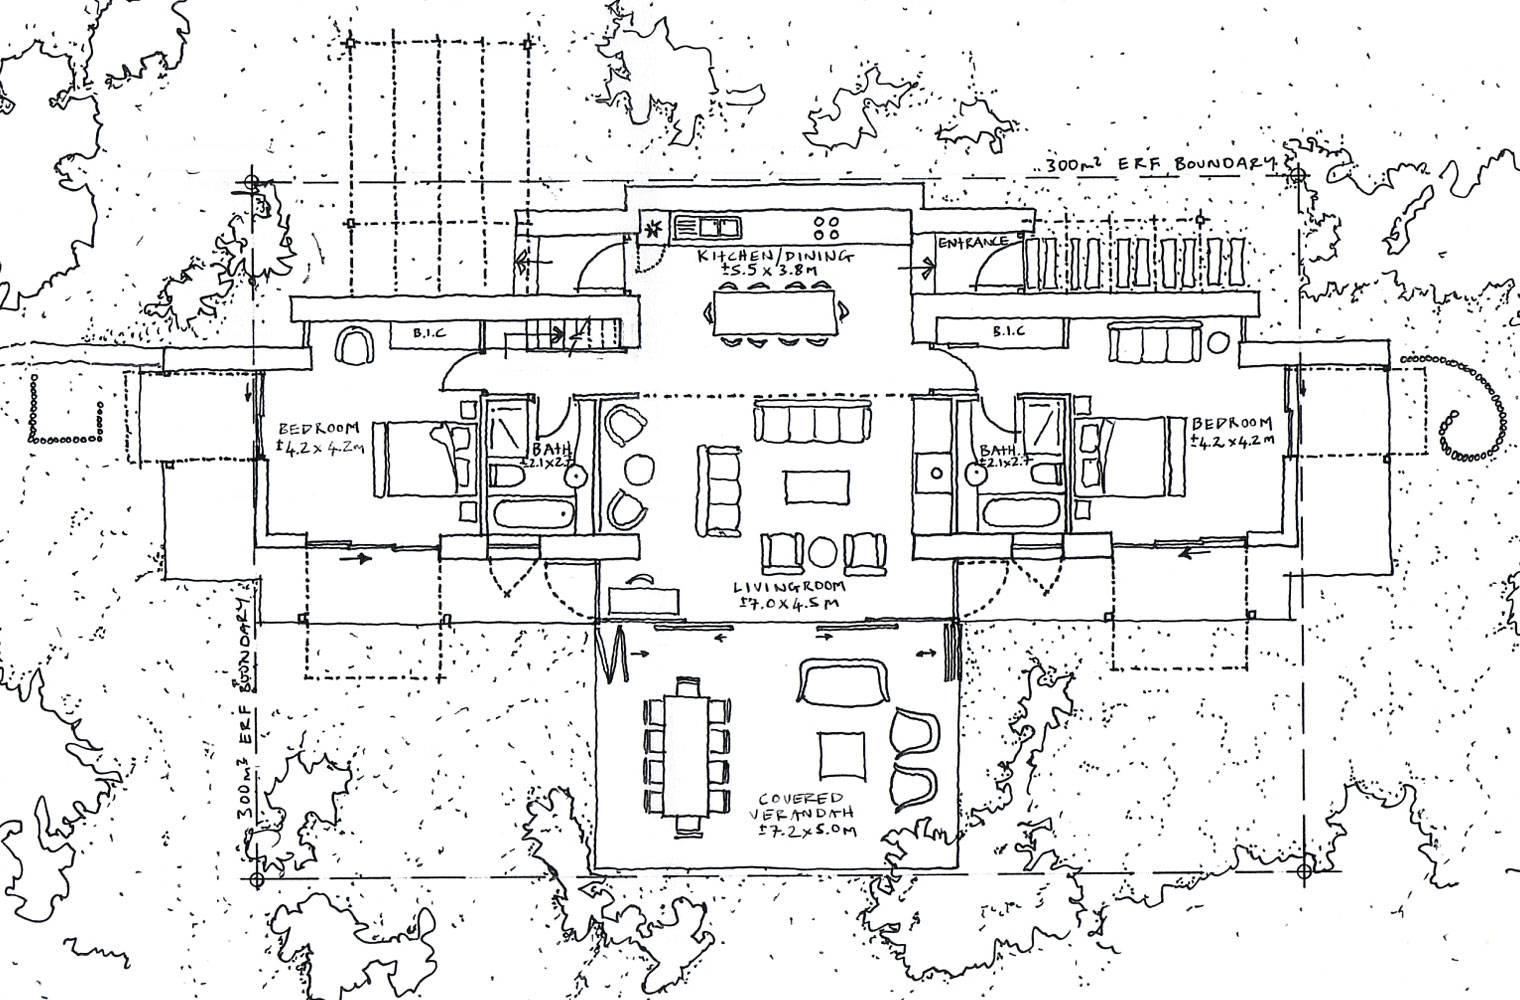 Breede River - Ground Floor